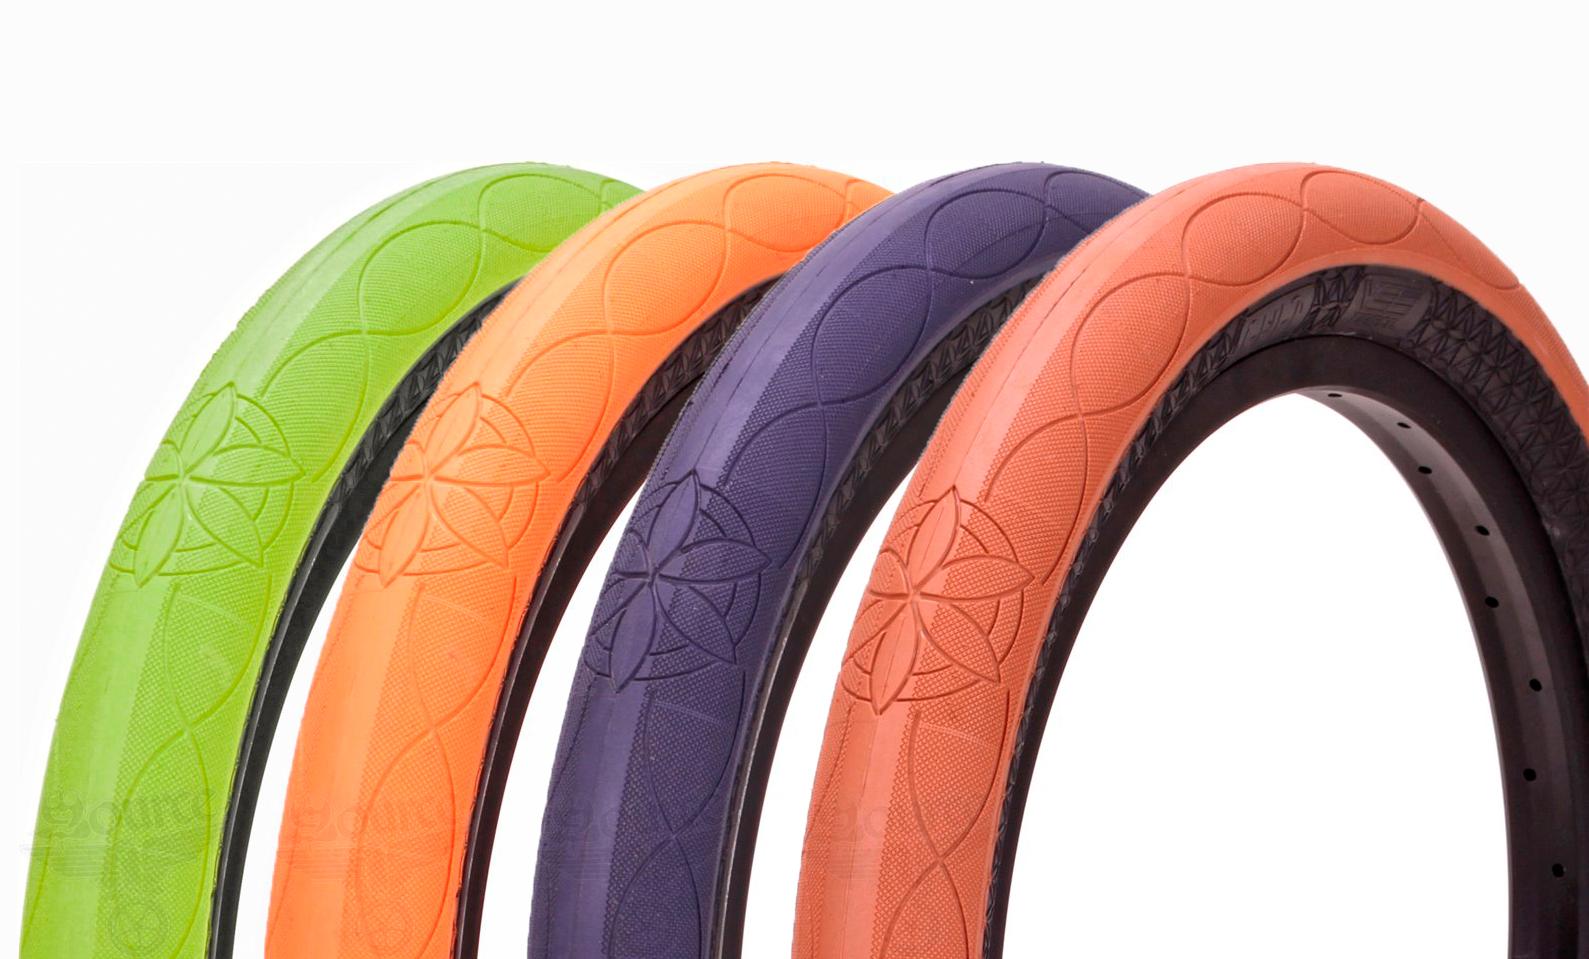 Llantas CULT AK colores $70.000 (oferta)